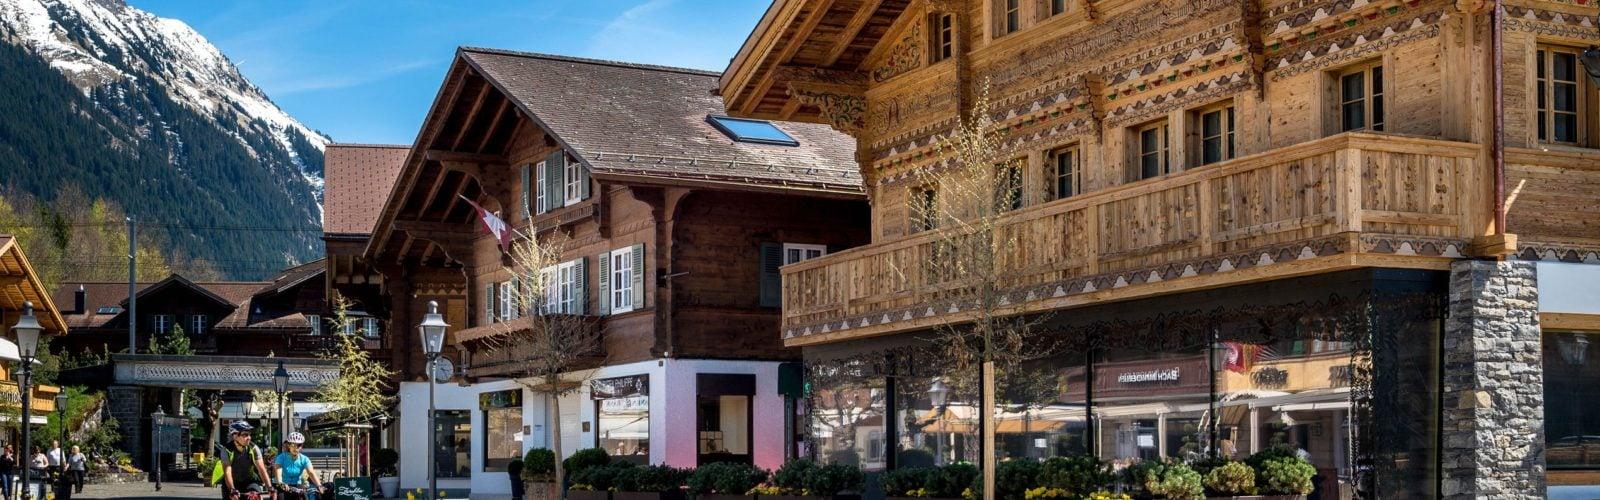 gstaad-village-1